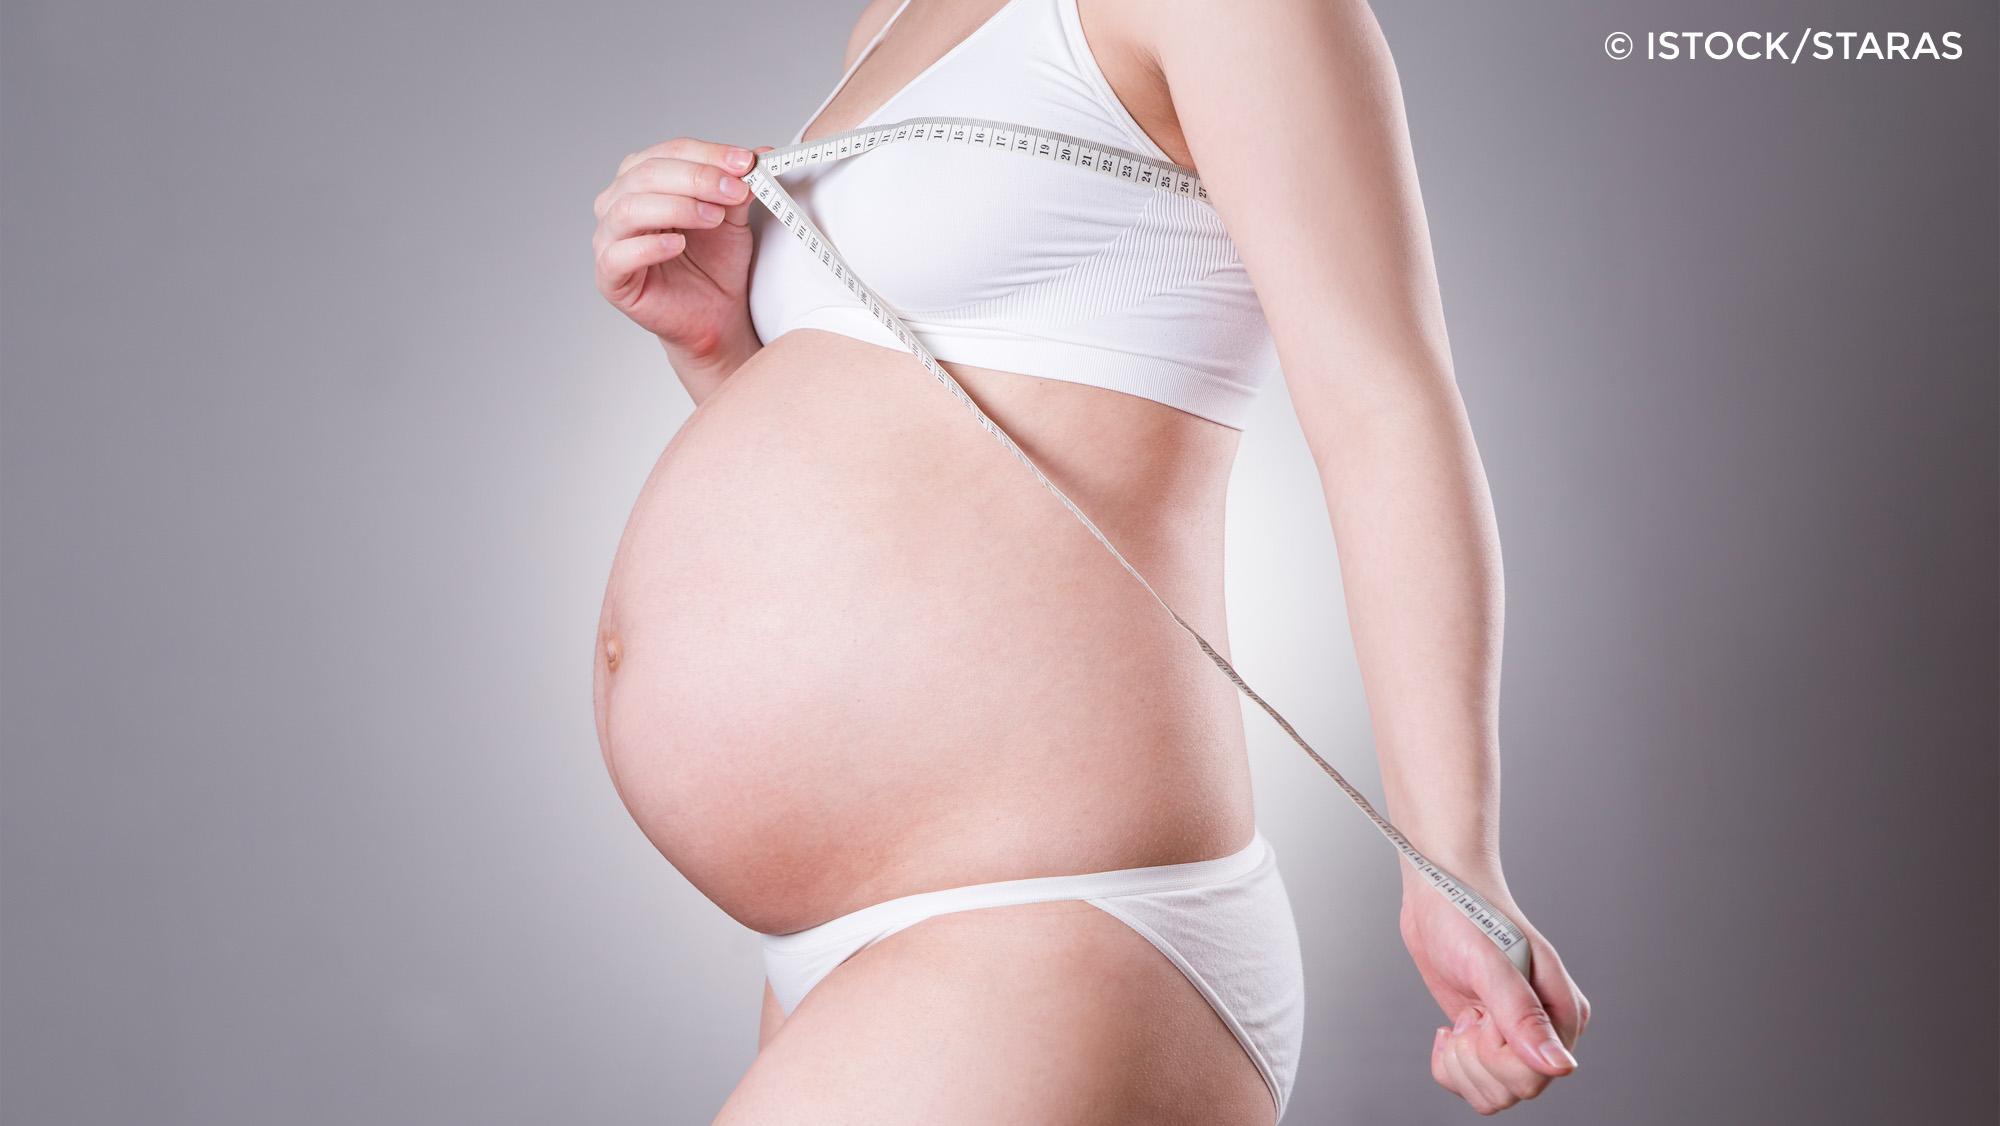 BH-Größe beim Schwangerschafts-BH messen